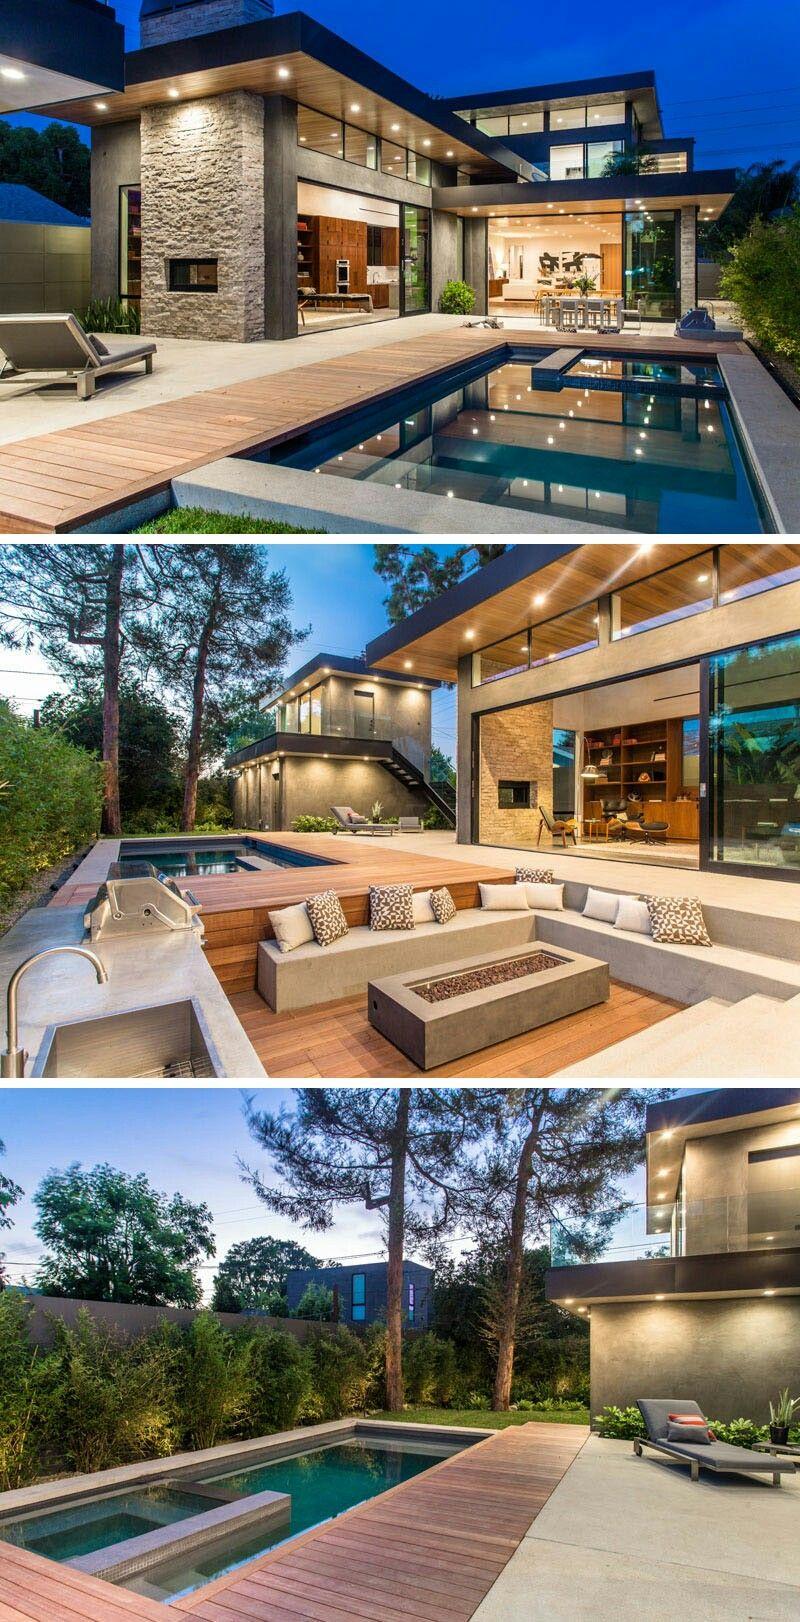 Pin von Zimmy auf THATS MY HOUSE | Pinterest | Traumhäuser ...